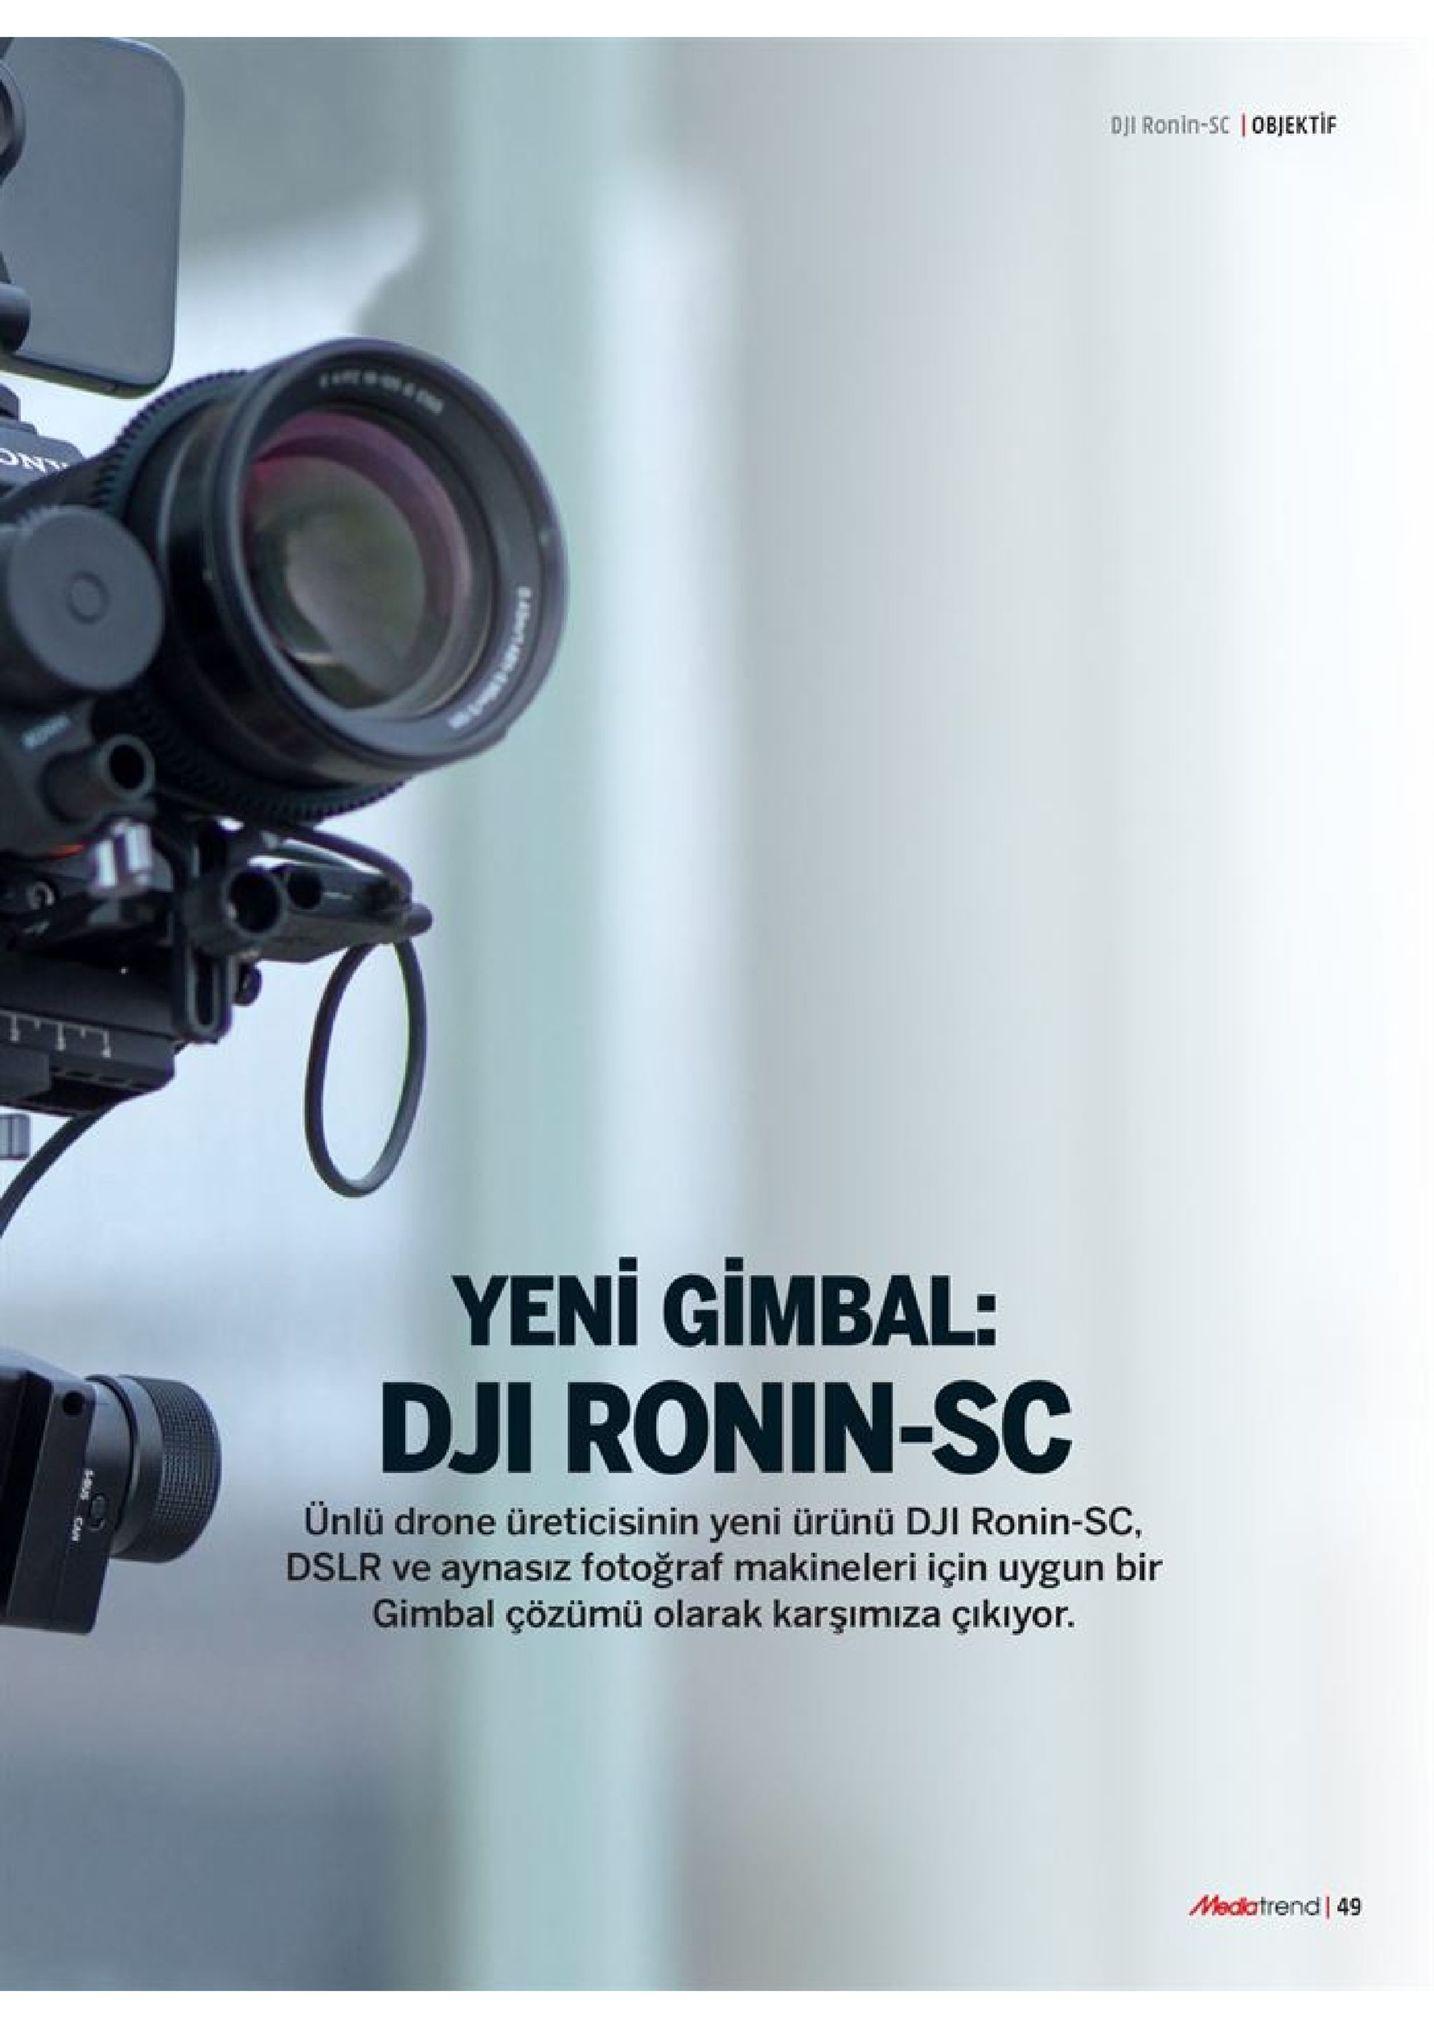 dji ronin-sc objektif yeni gimbal: dji ronin-sc ünlü drone üreticisinin yeni ürünü dji ronin-sc, dslr ve aynasız fotoğraf makineleri için uygun bir gimbal çözümü olarak karşımıza çıkıyor medatrend 49